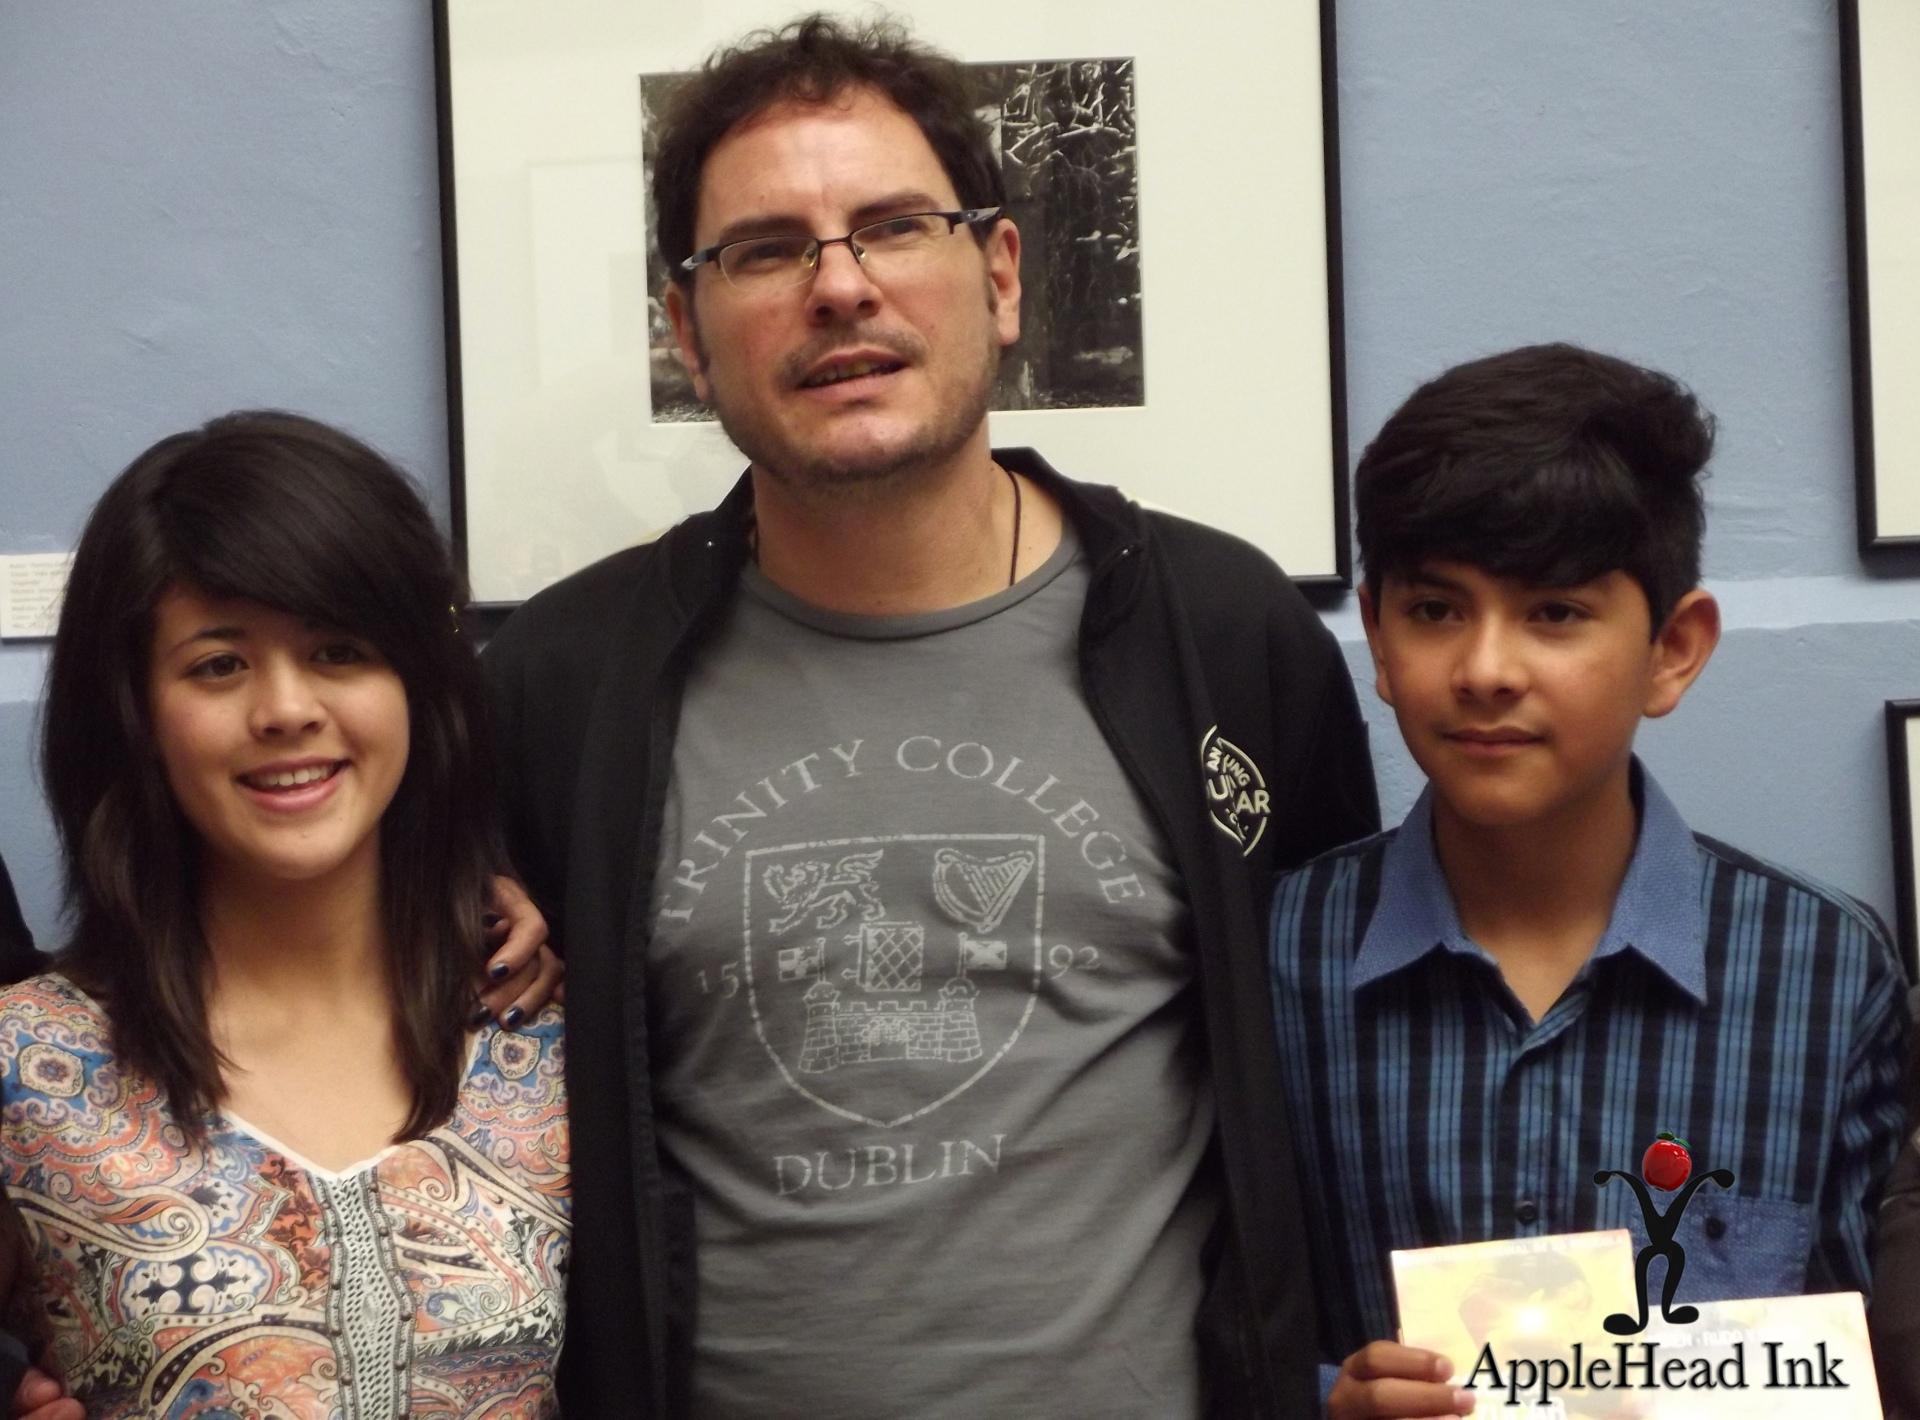 Carlos Cuaron y Protagonistas de Besos de Azucar Foto : AppleHead Ink The Blog